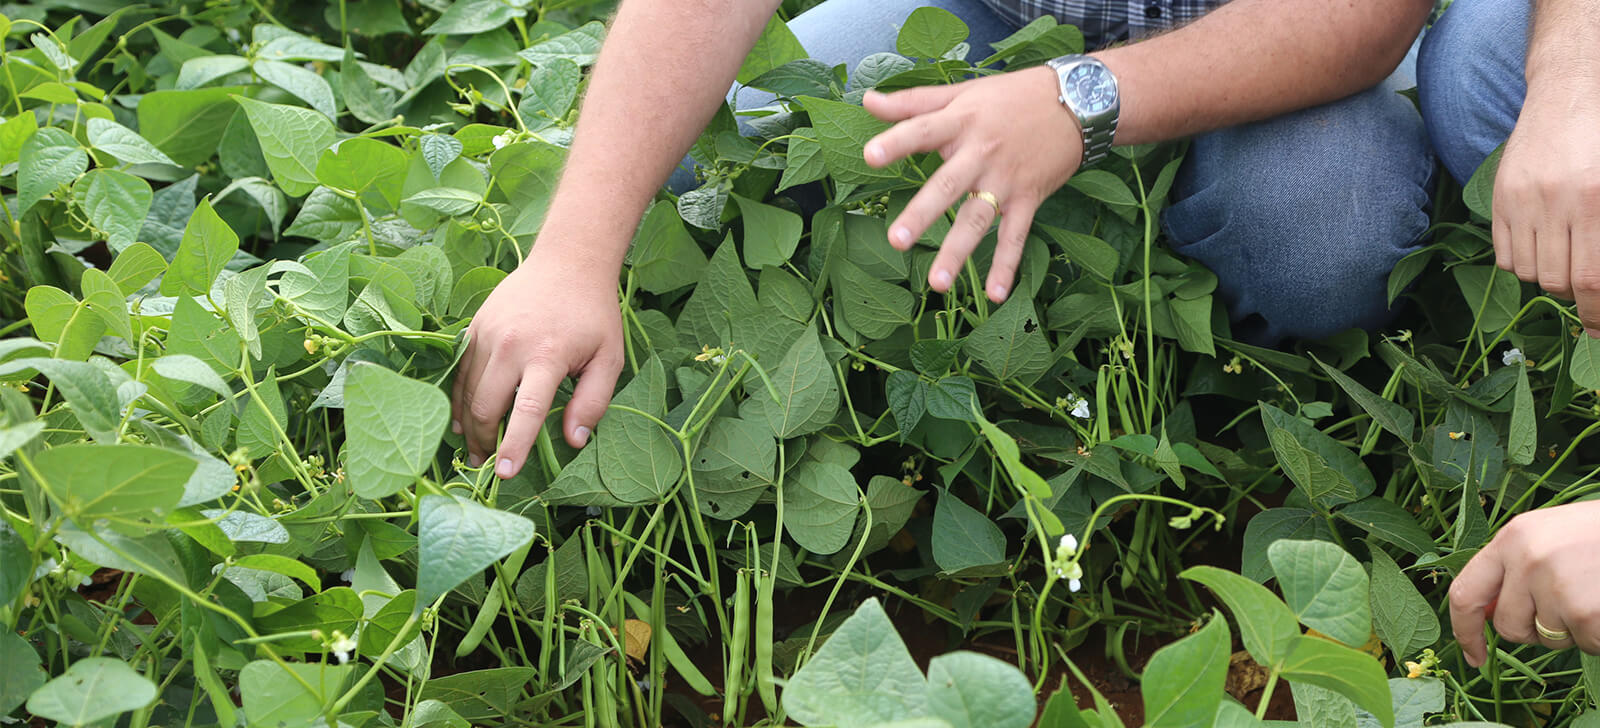 Controle biológico reduz custos de produção em até 15%